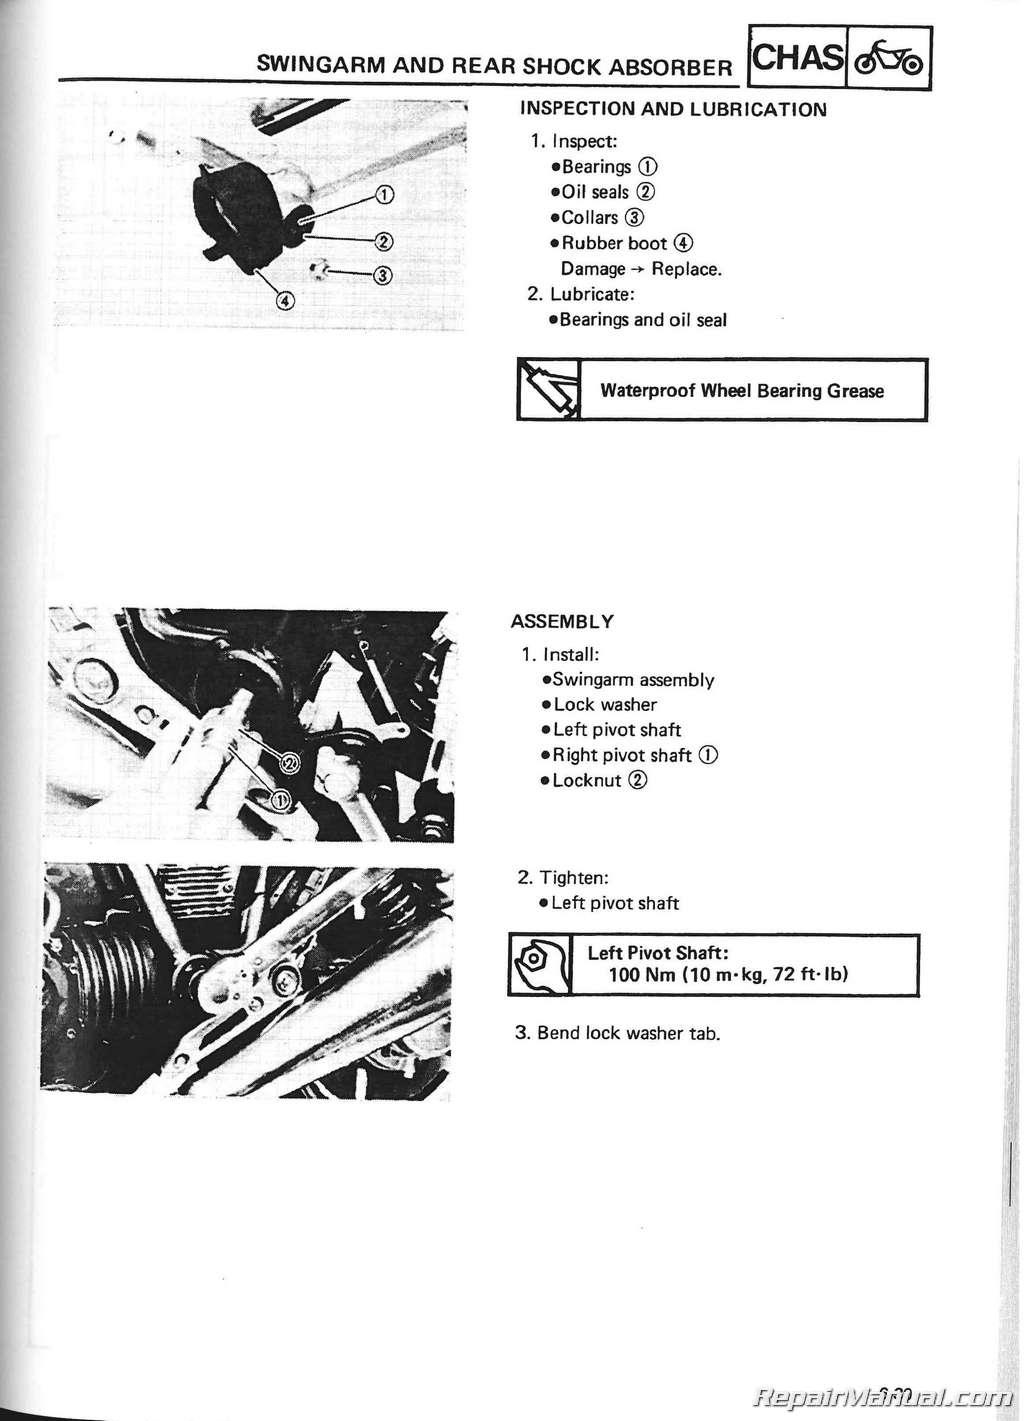 LIT-11616-XJ-00_Page_2 Xj Yamaha Maxim Wiring Diagram on yamaha xj 550 maxim, yamaha xj 650 maxim, yamaha xj 750 maxim, 85 yamaha 750 maxim,